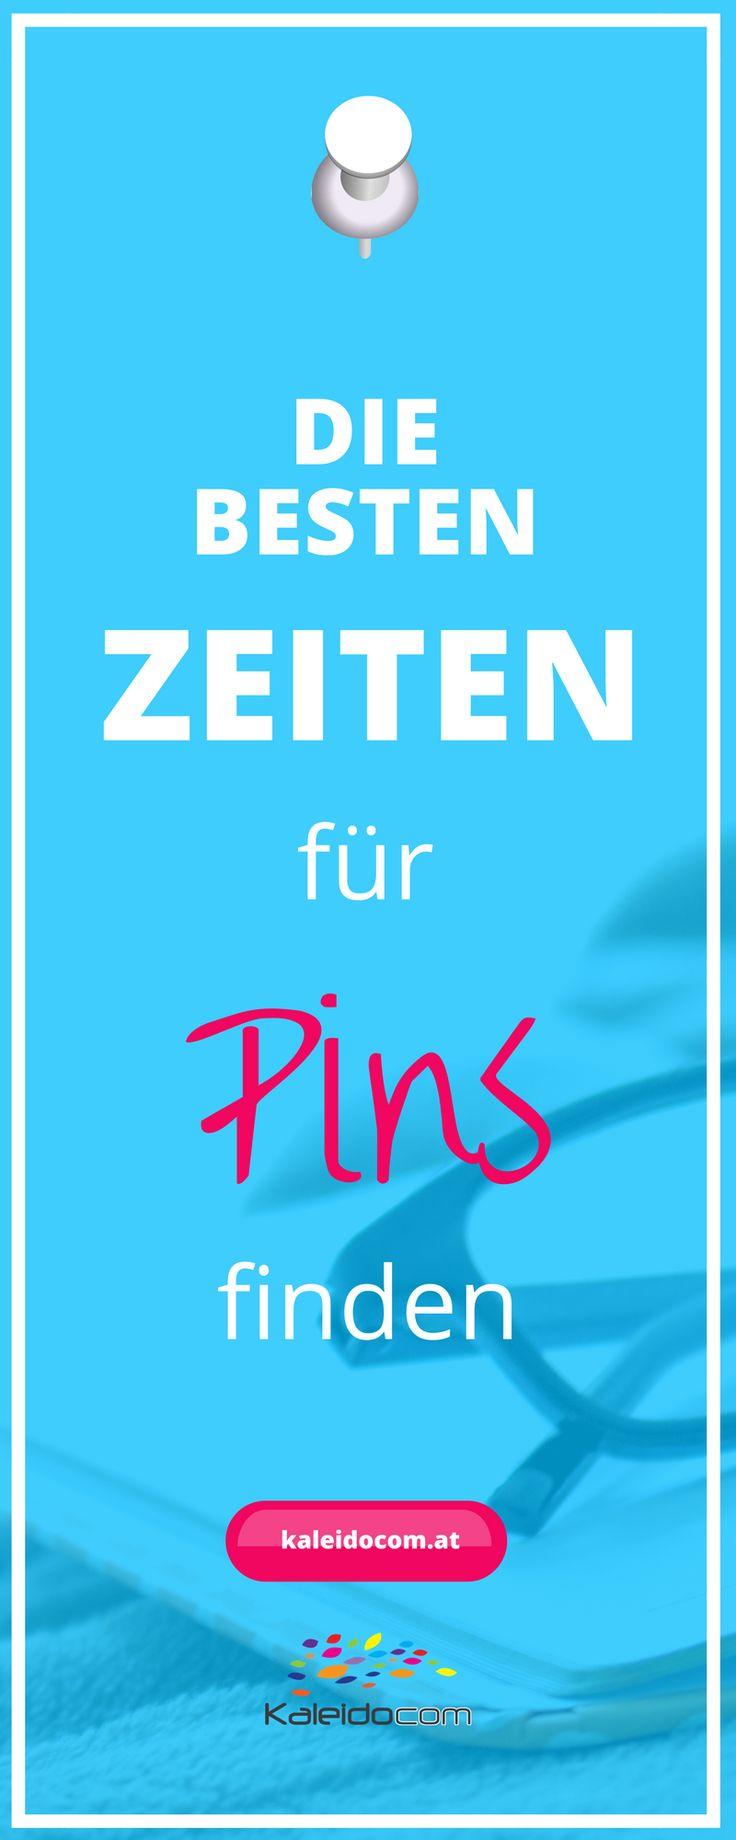 Gibt es die besten Zeiten für Pins auf Pinterest? Erfahre hier, welche Uhrzeit für Pins gut geeignet ist. #pinteresttipp #pinterestmarketing